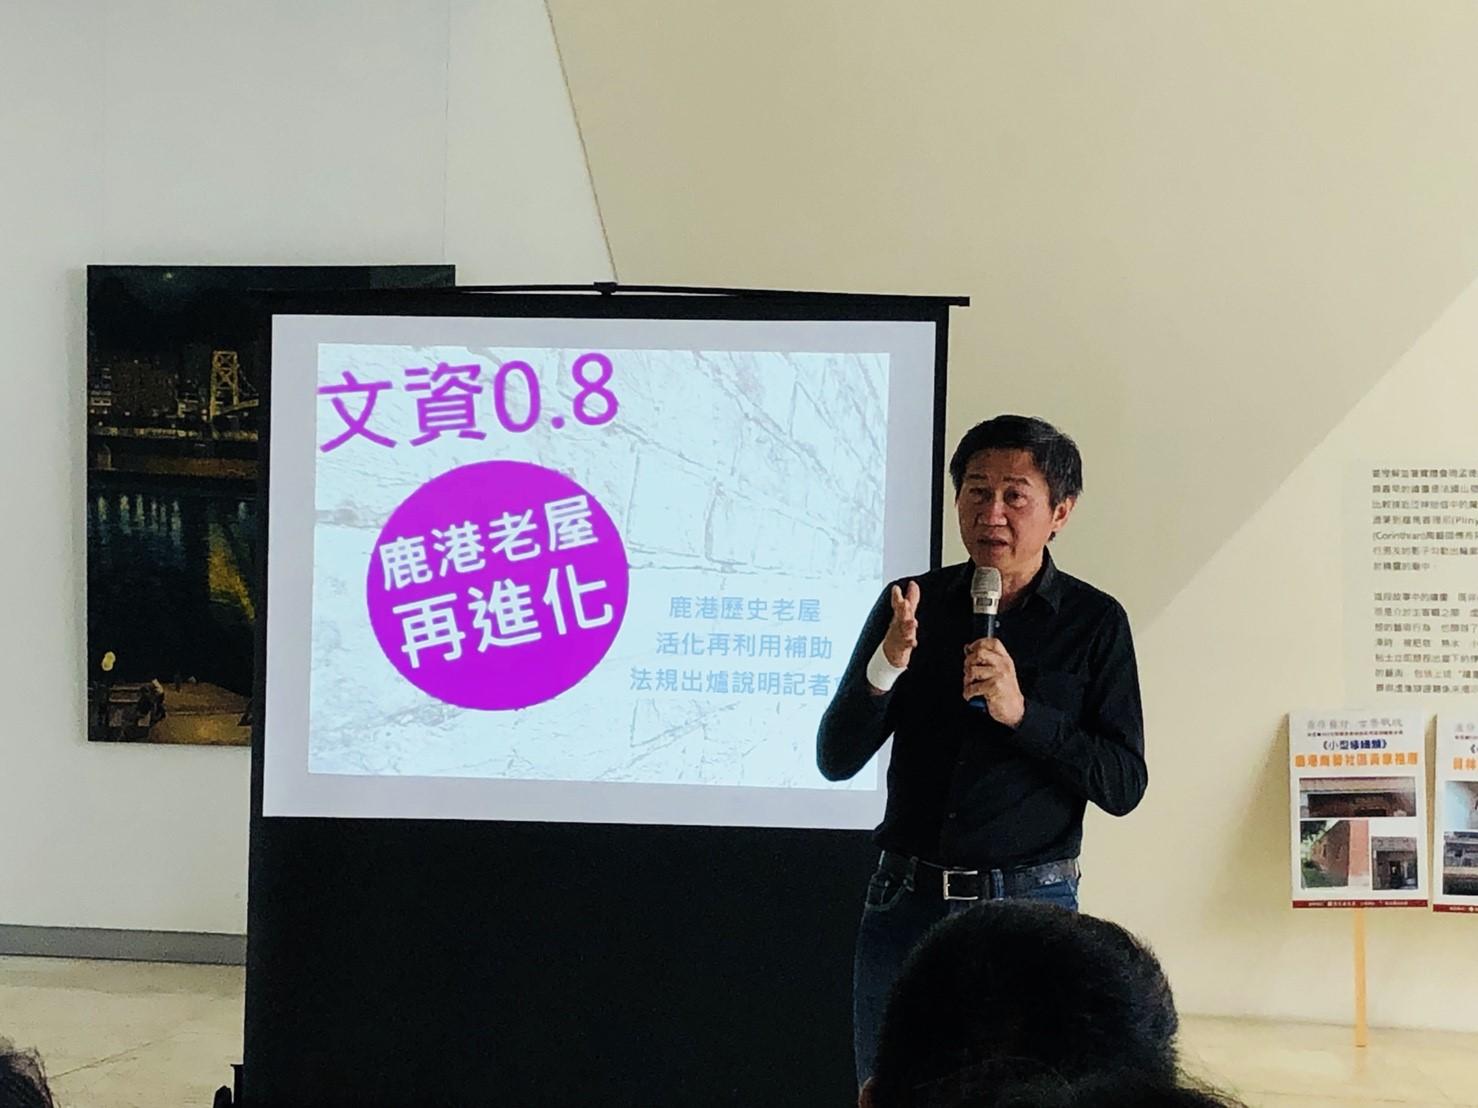 鹿港老屋修繕活化補助徵件記者會-陳局長簡要說明相關內容(開啟新視窗)